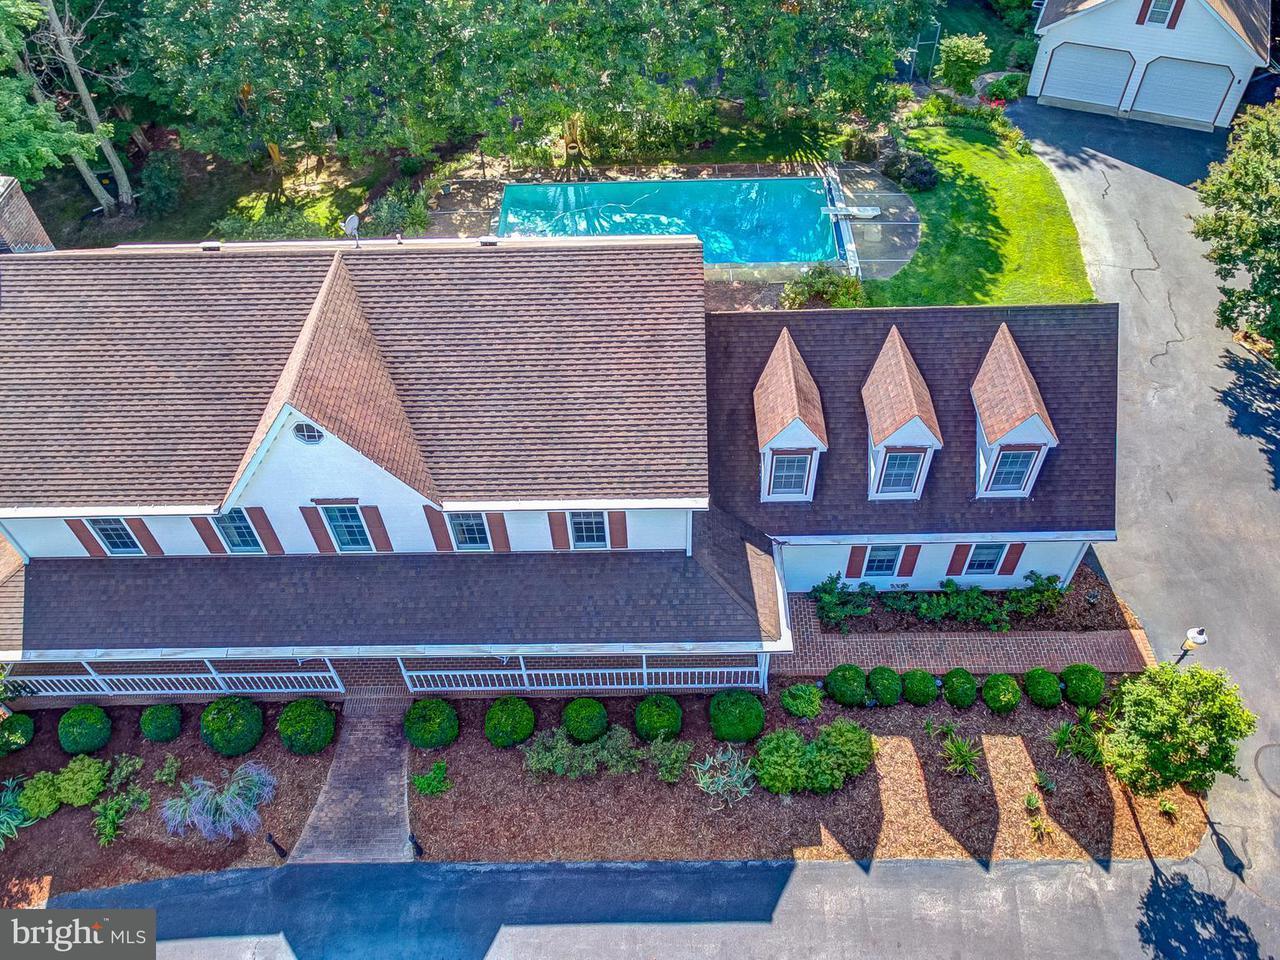 Частный односемейный дом для того Продажа на 6921 BOND Street 6921 BOND Street St. Leonard, Мэриленд 20685 Соединенные Штаты